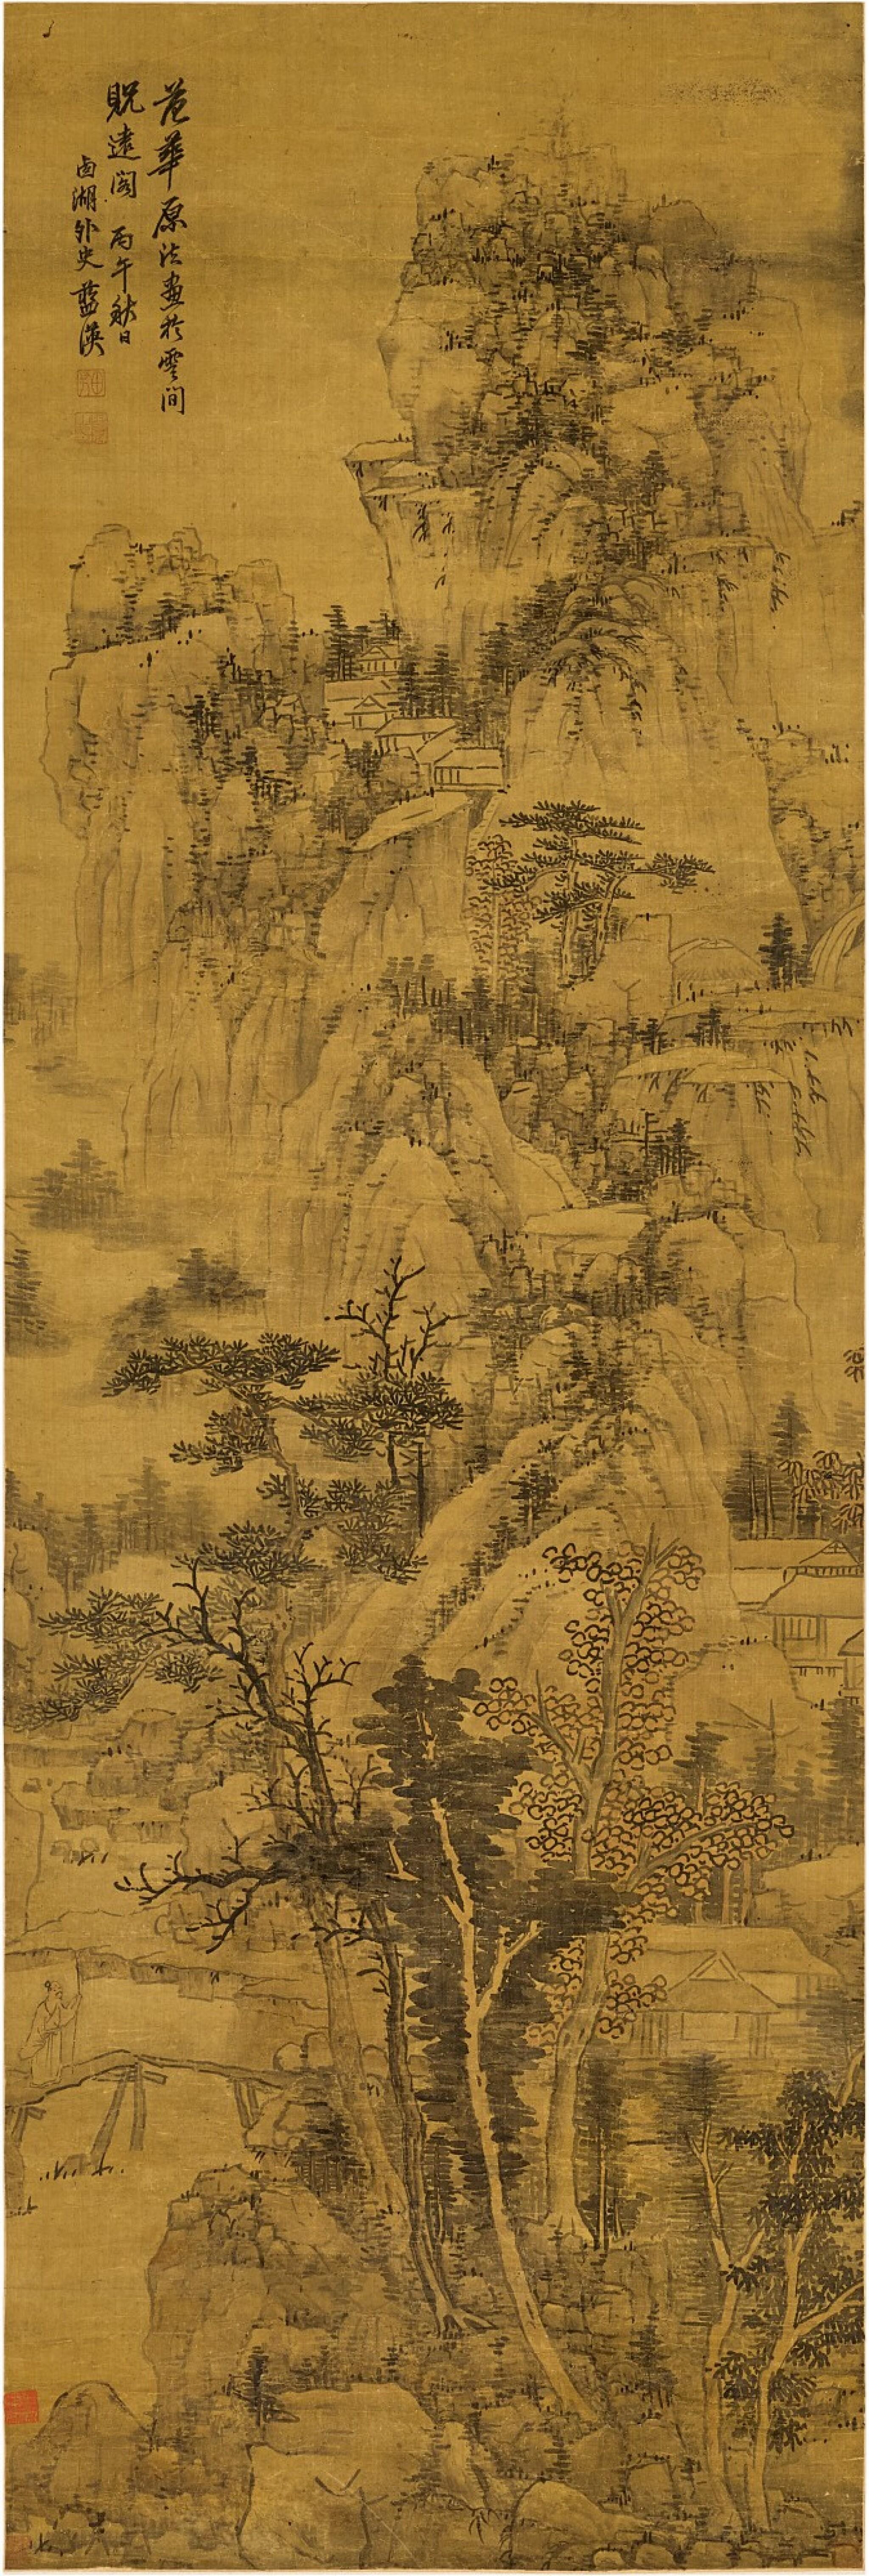 View full screen - View 1 of Lot 3060. Lan Ying 1585 - 1666 藍瑛 1585-1666   Landscape after Fan Huayuan 青山疊嶂 .